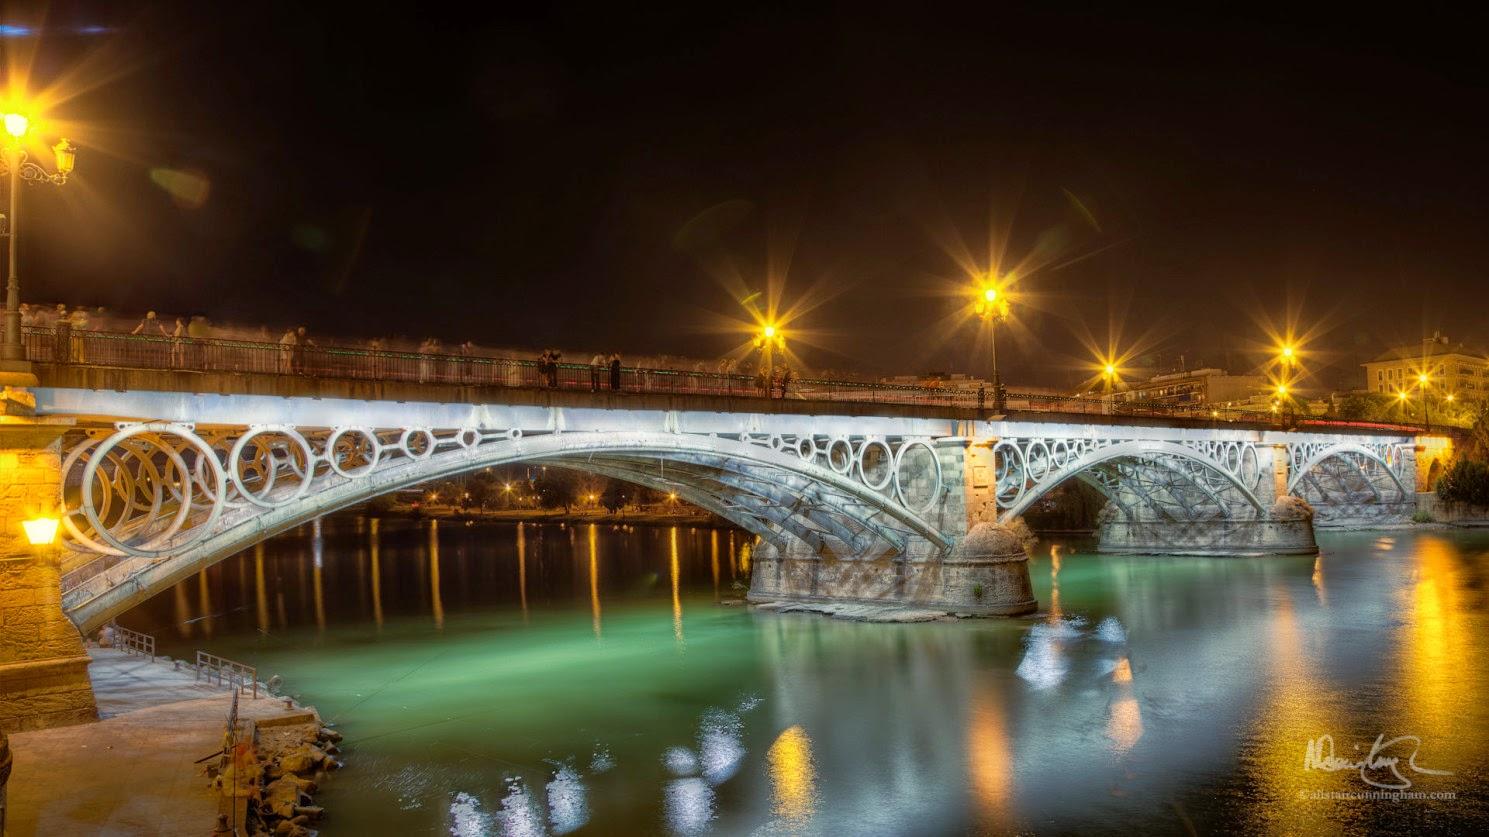 Alistair Cunningham, fotografía HDR, Puente de Isabel II, Puente de Triana, Sevilla